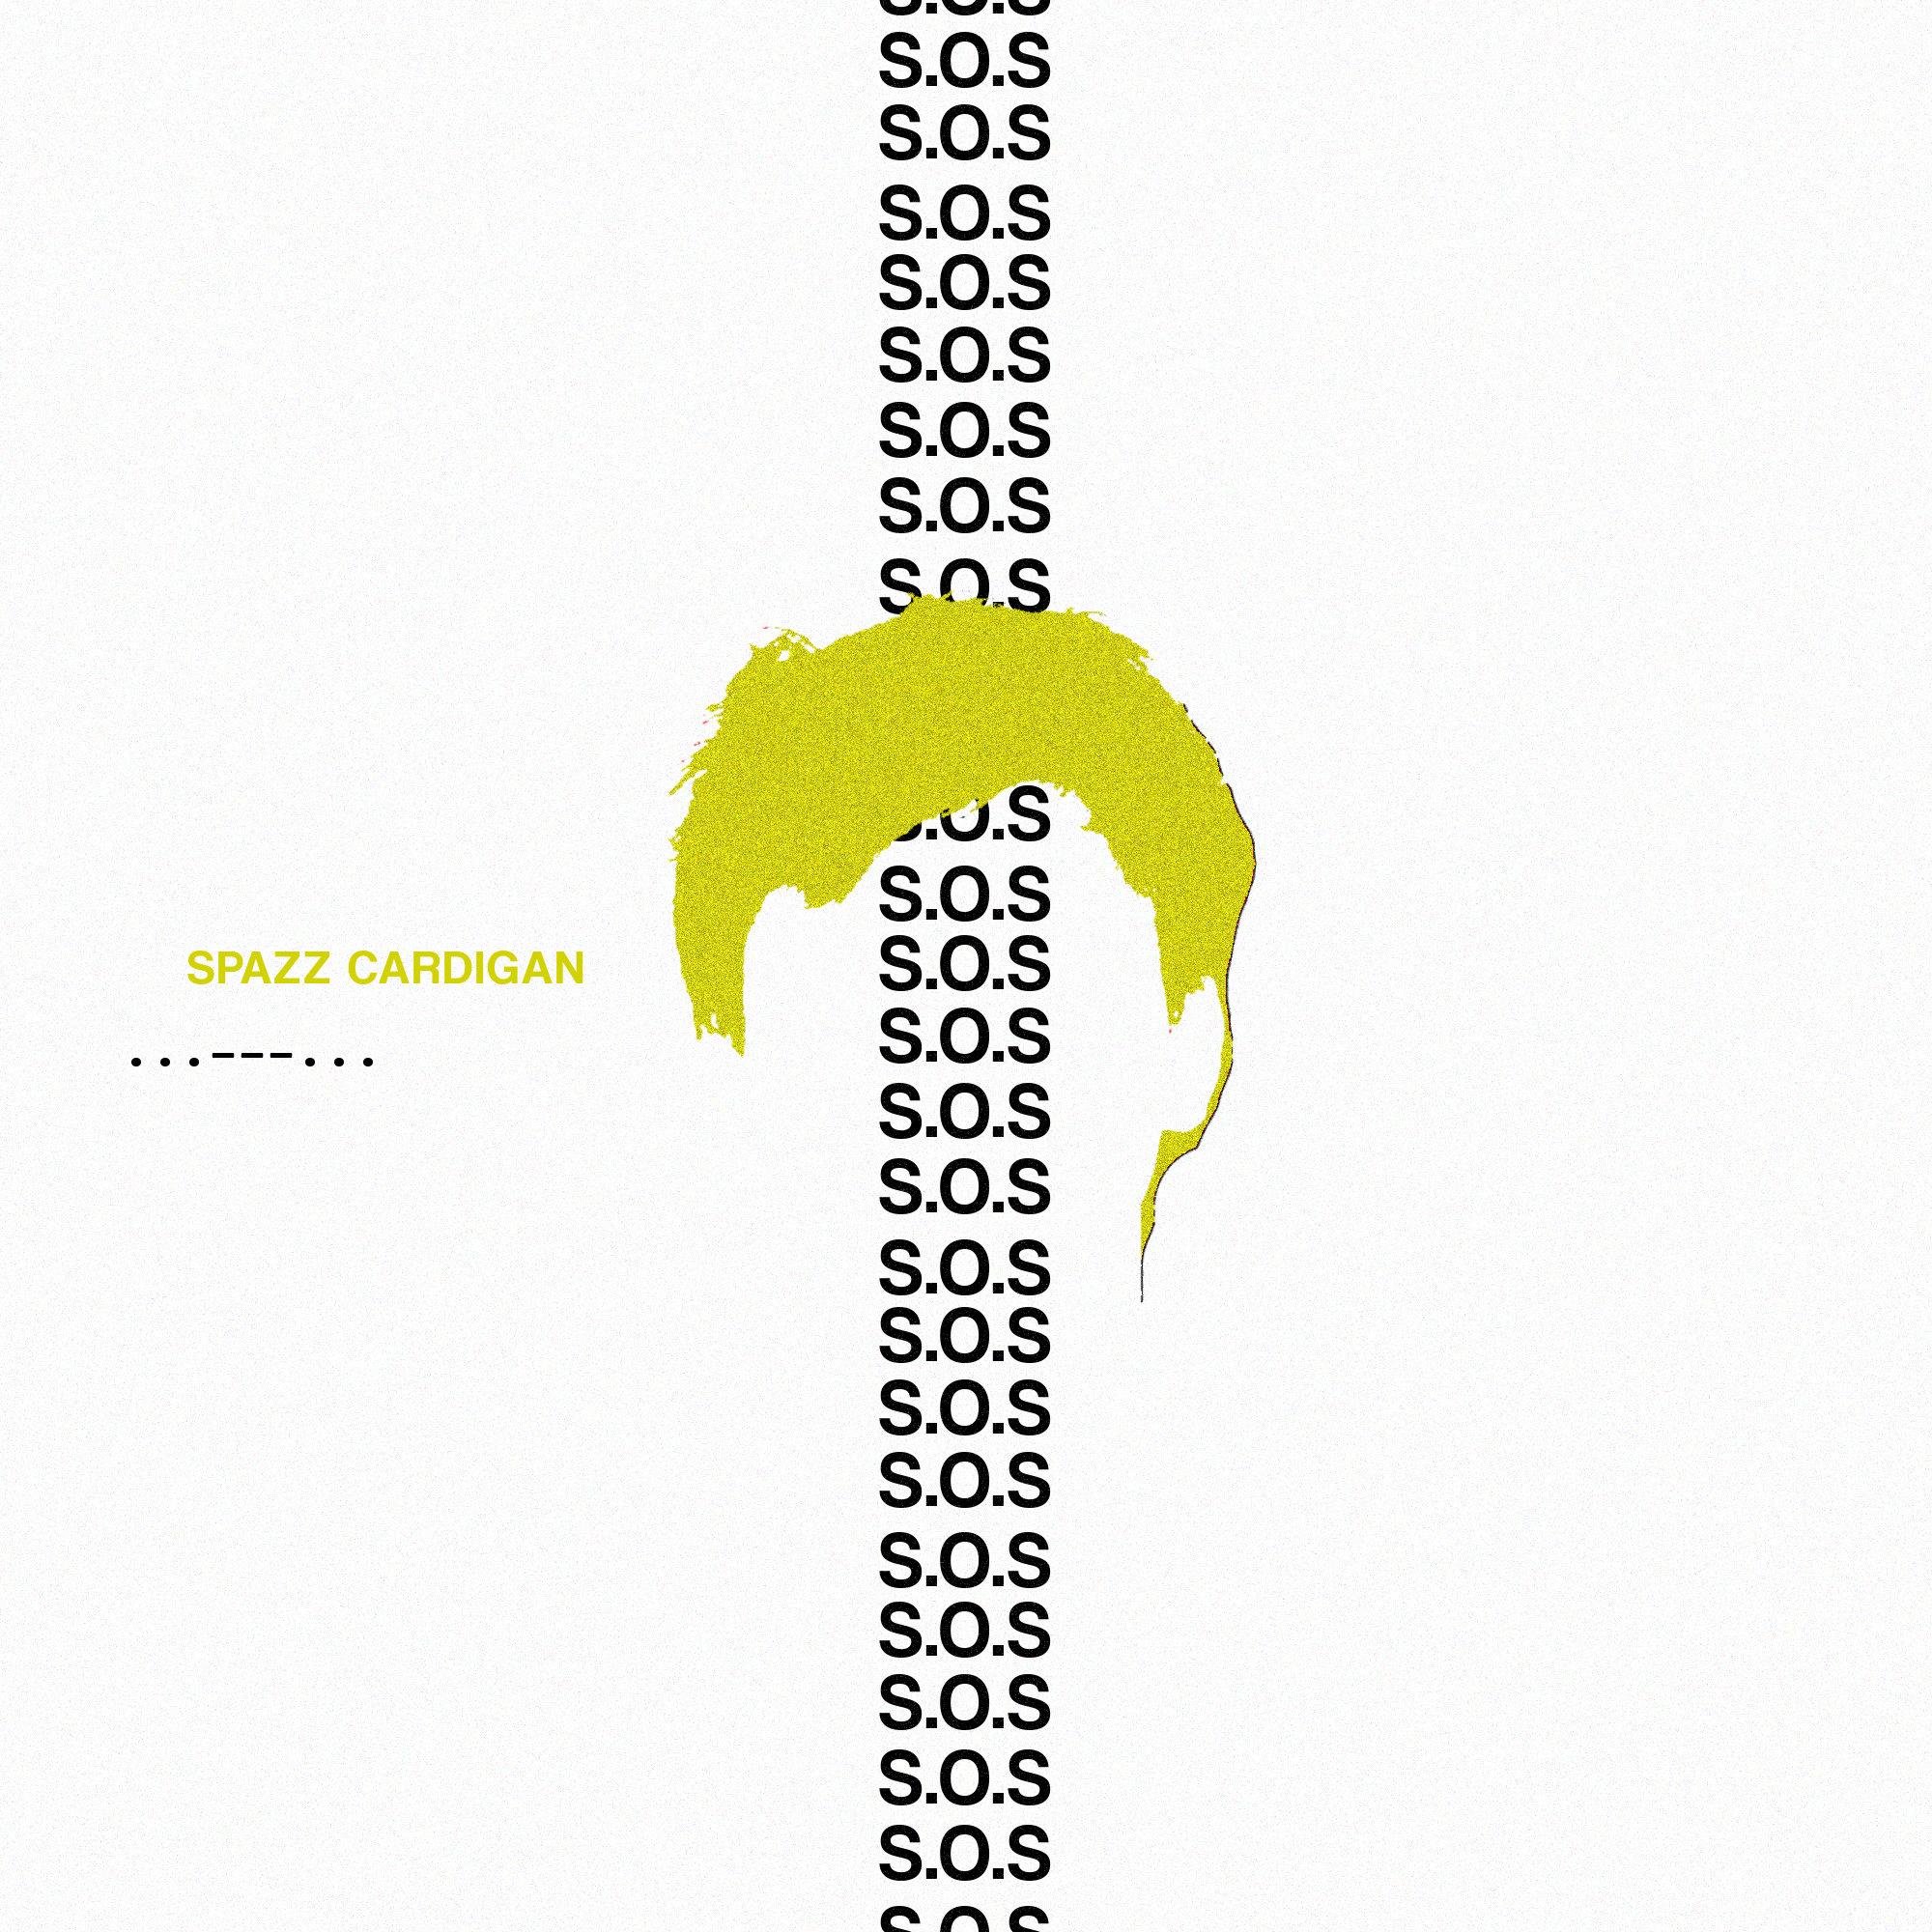 6abb2b6b-3117-4f0f-b856-ad2f68e53da7.jpg